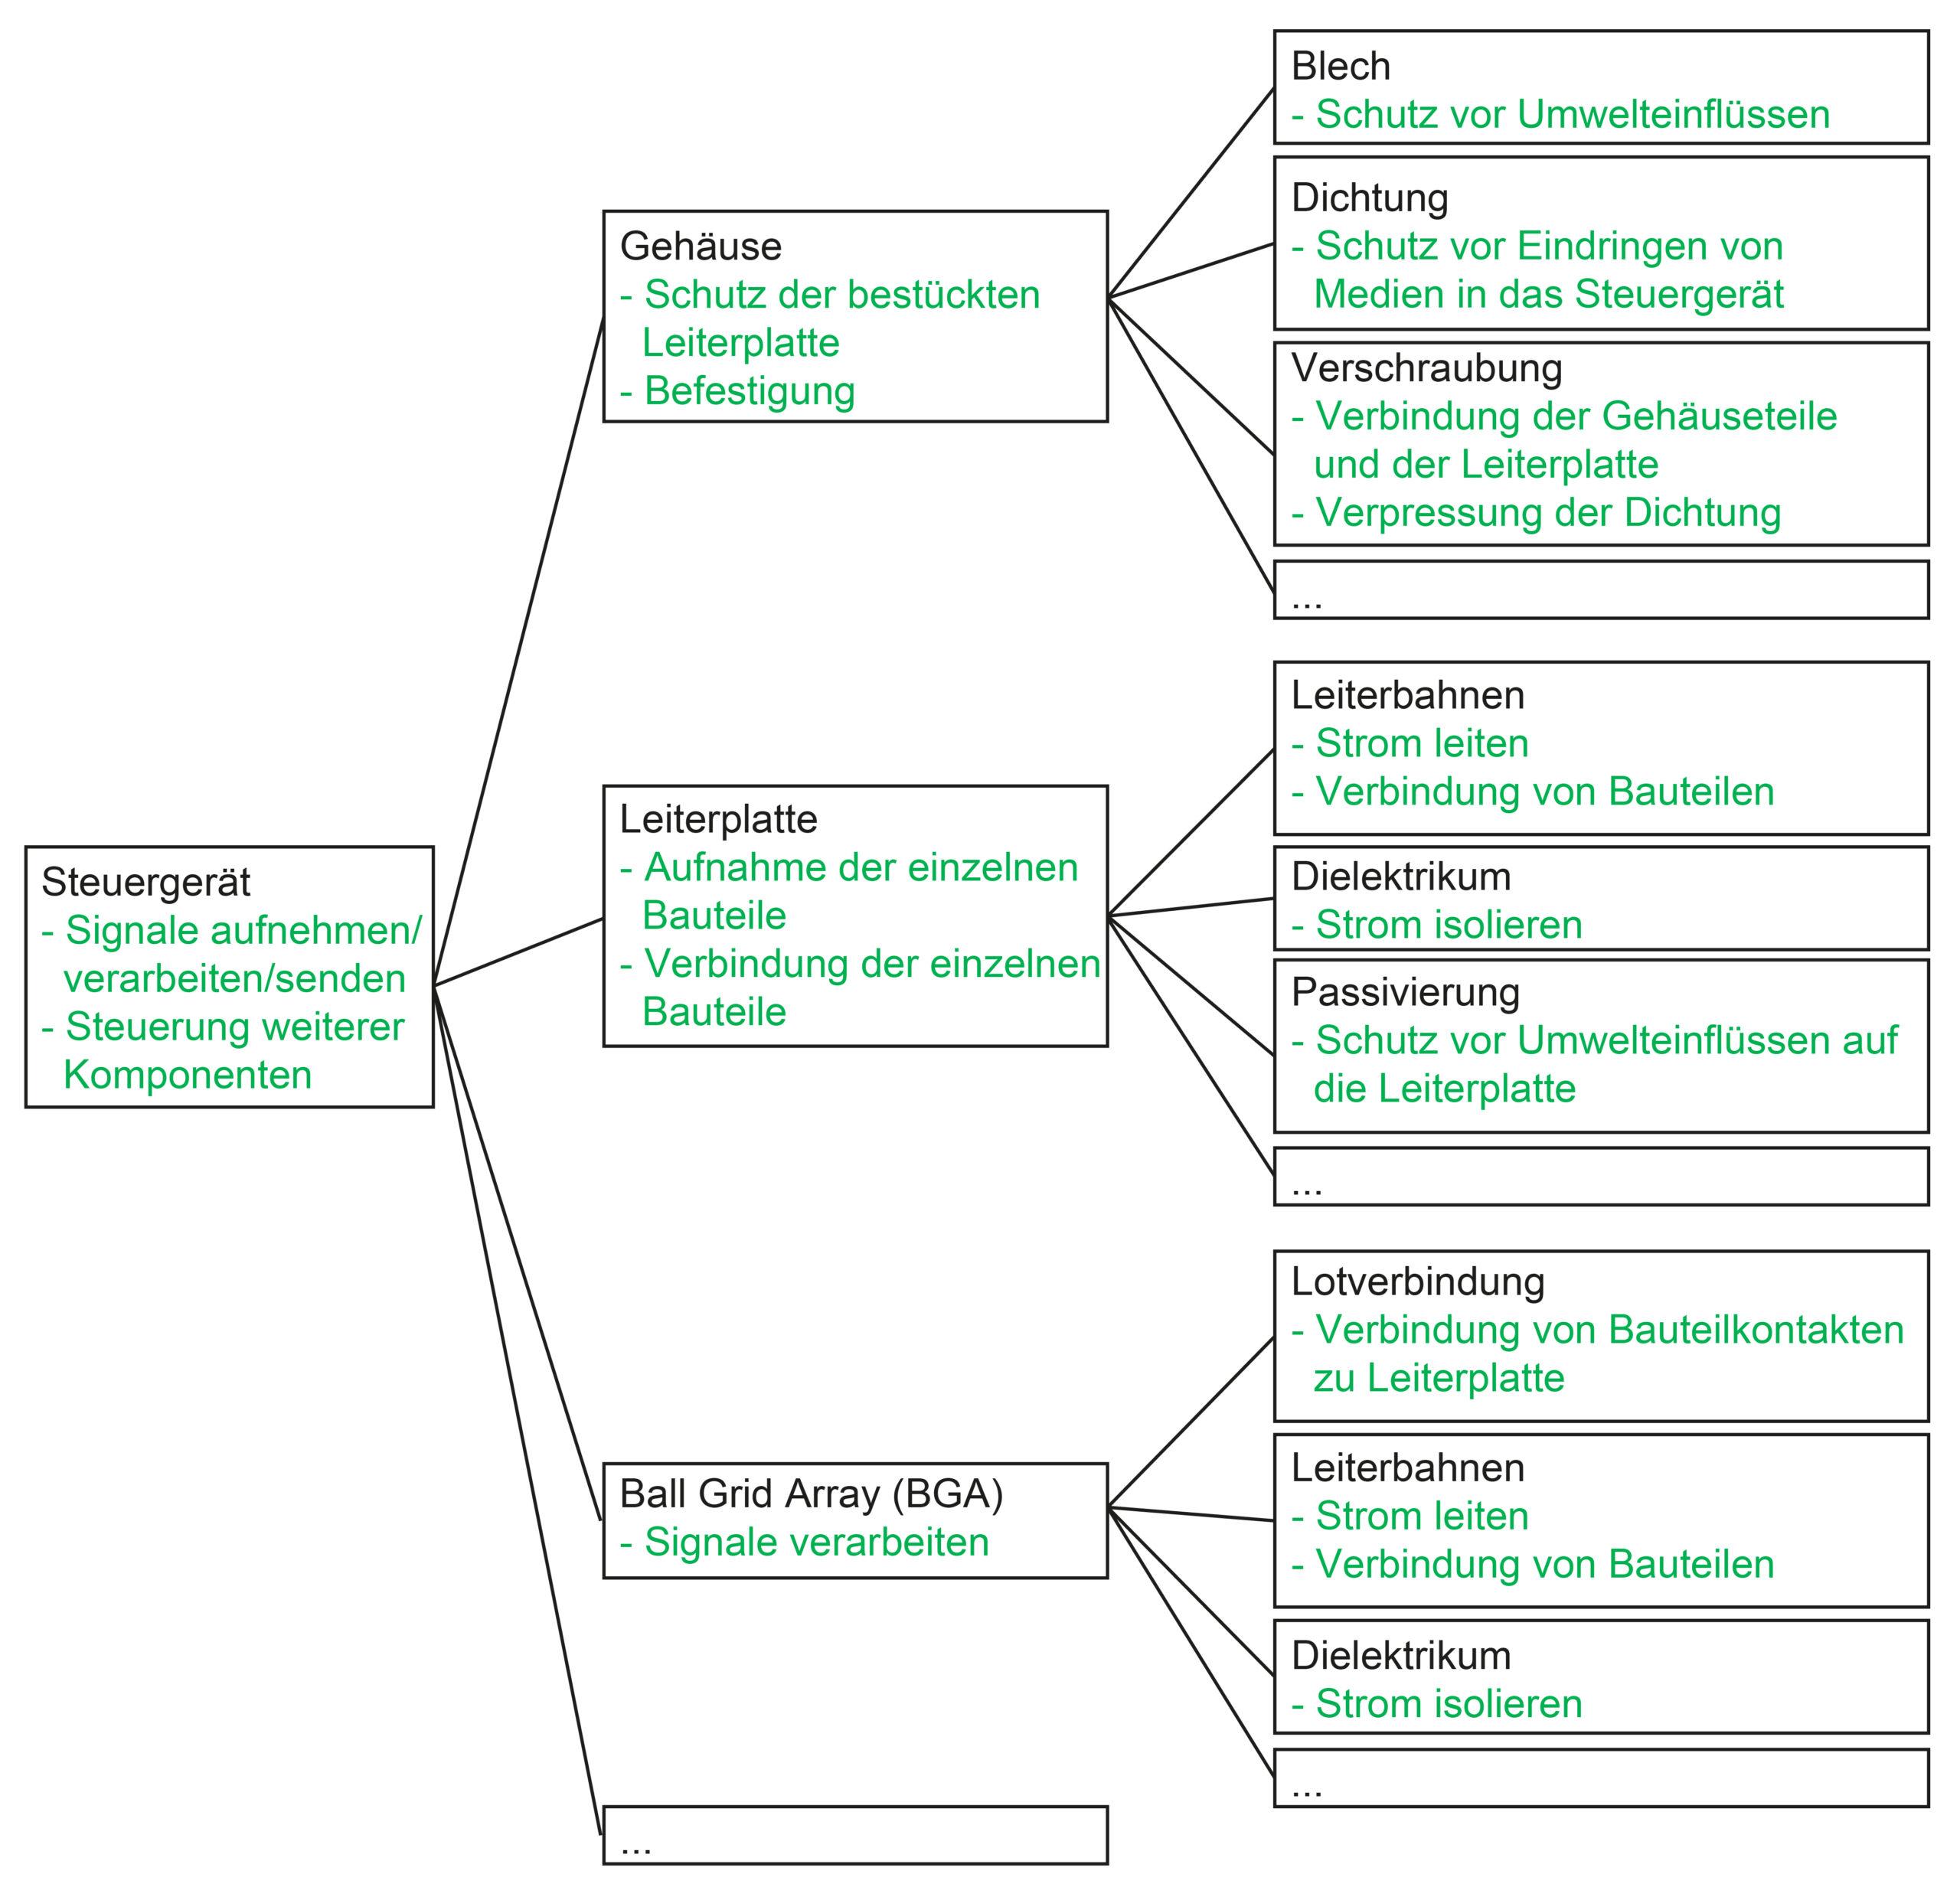 Bild 3 Beispiel System- und Funktionsstruktur Steuergerät. Bild: Verfasser